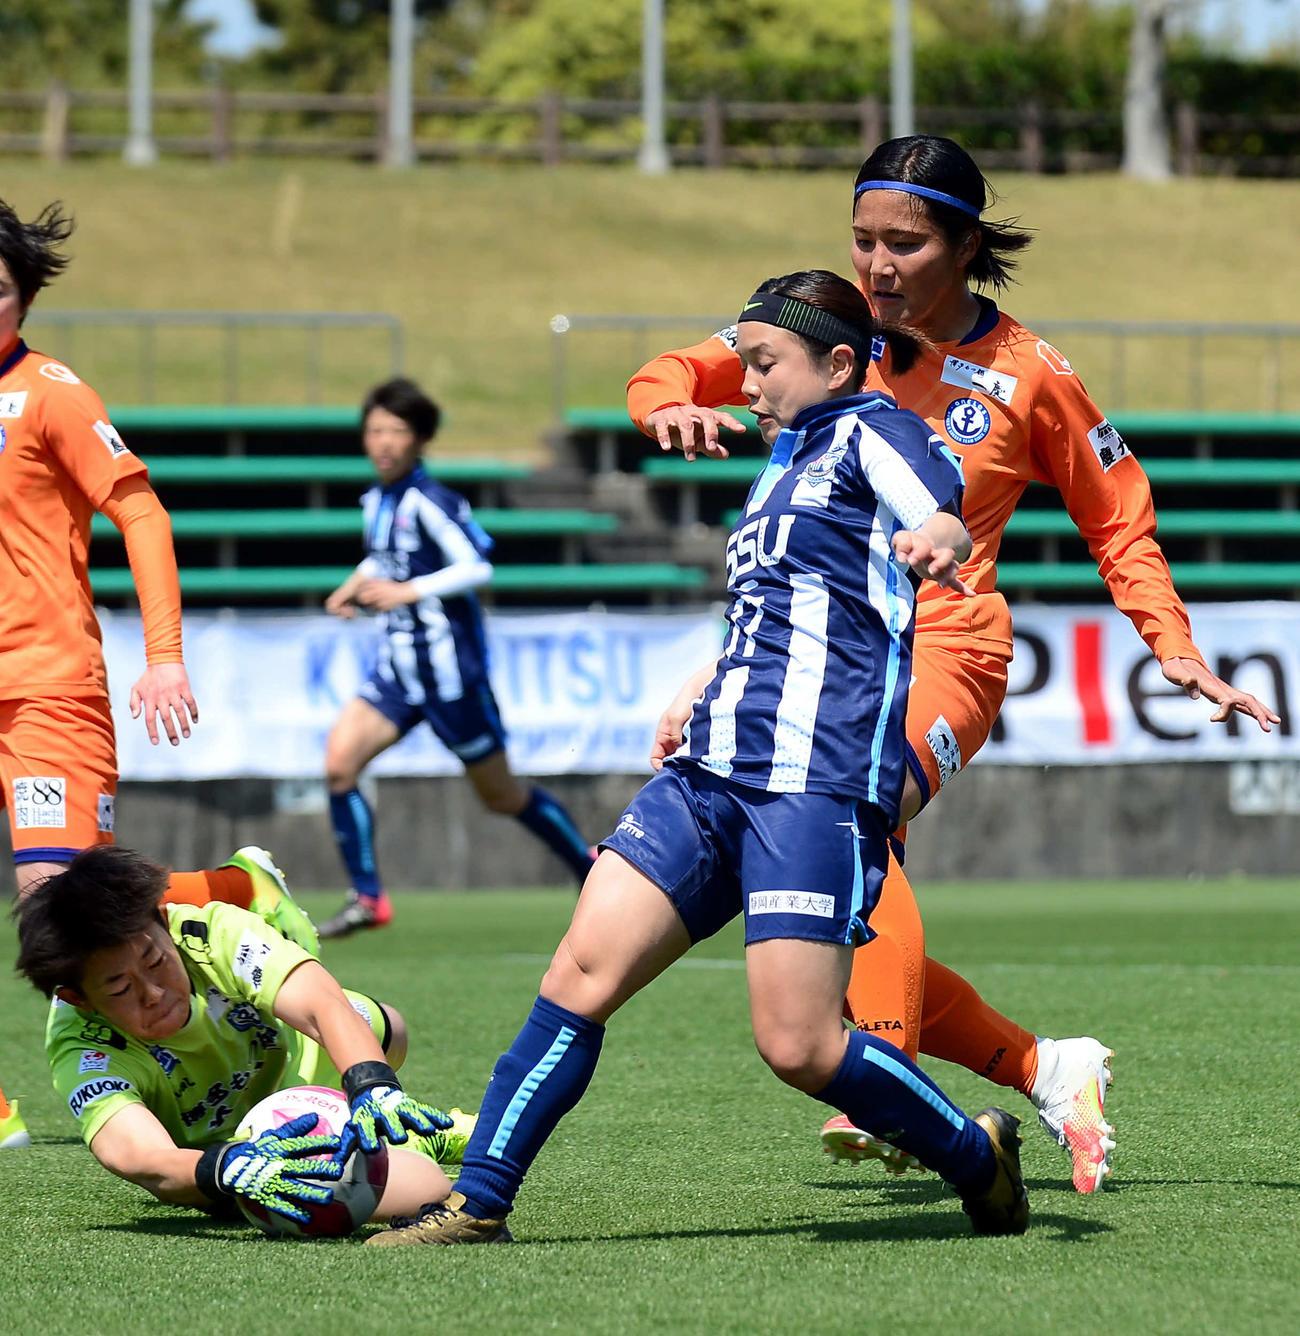 前半、静岡SSUアスレジーナFW藤田(手前)がゴールに迫るもGKに阻止される